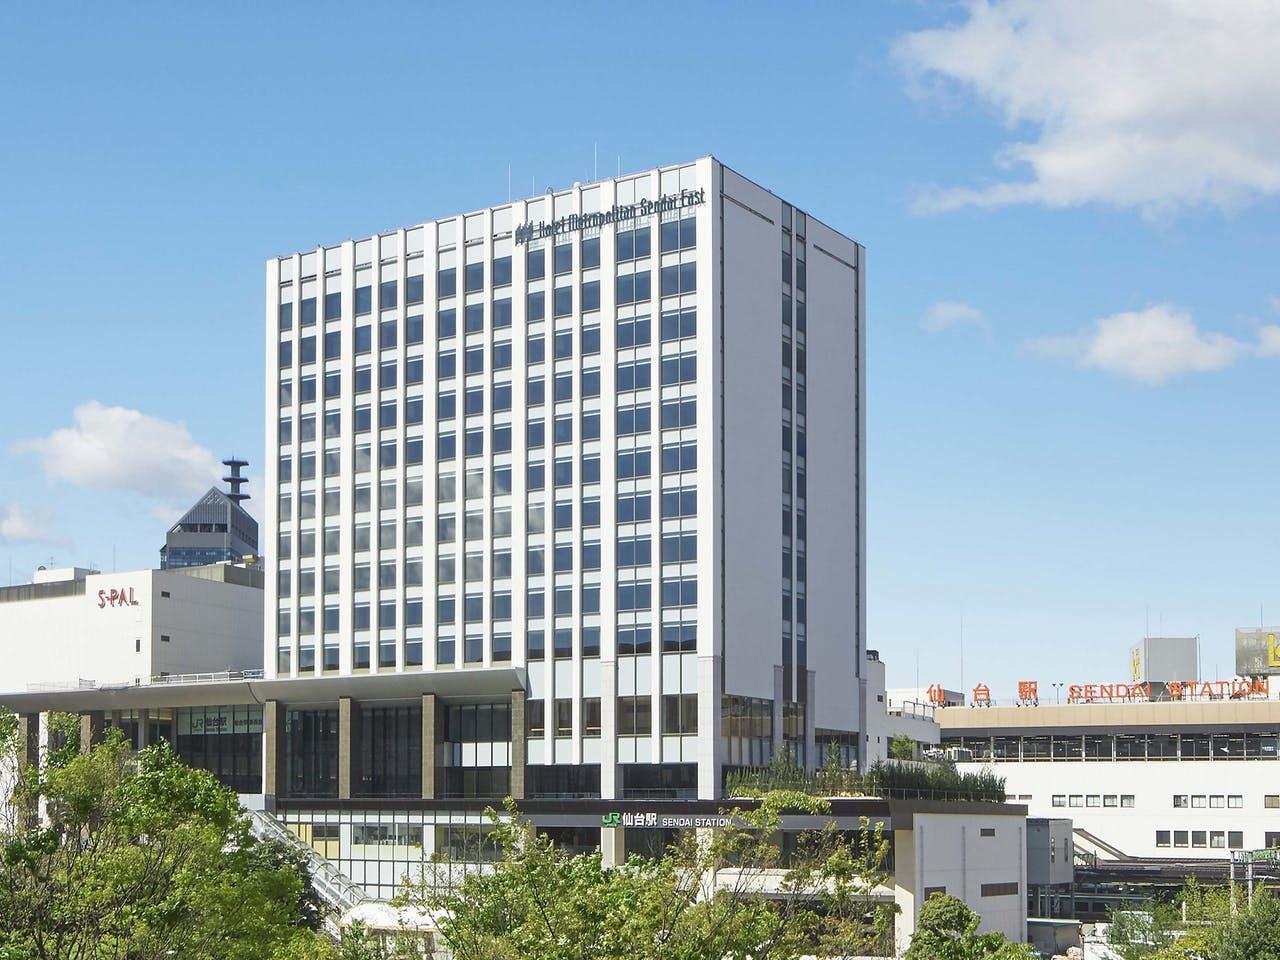 ホテルメトロポリタン仙台イースト、トップ